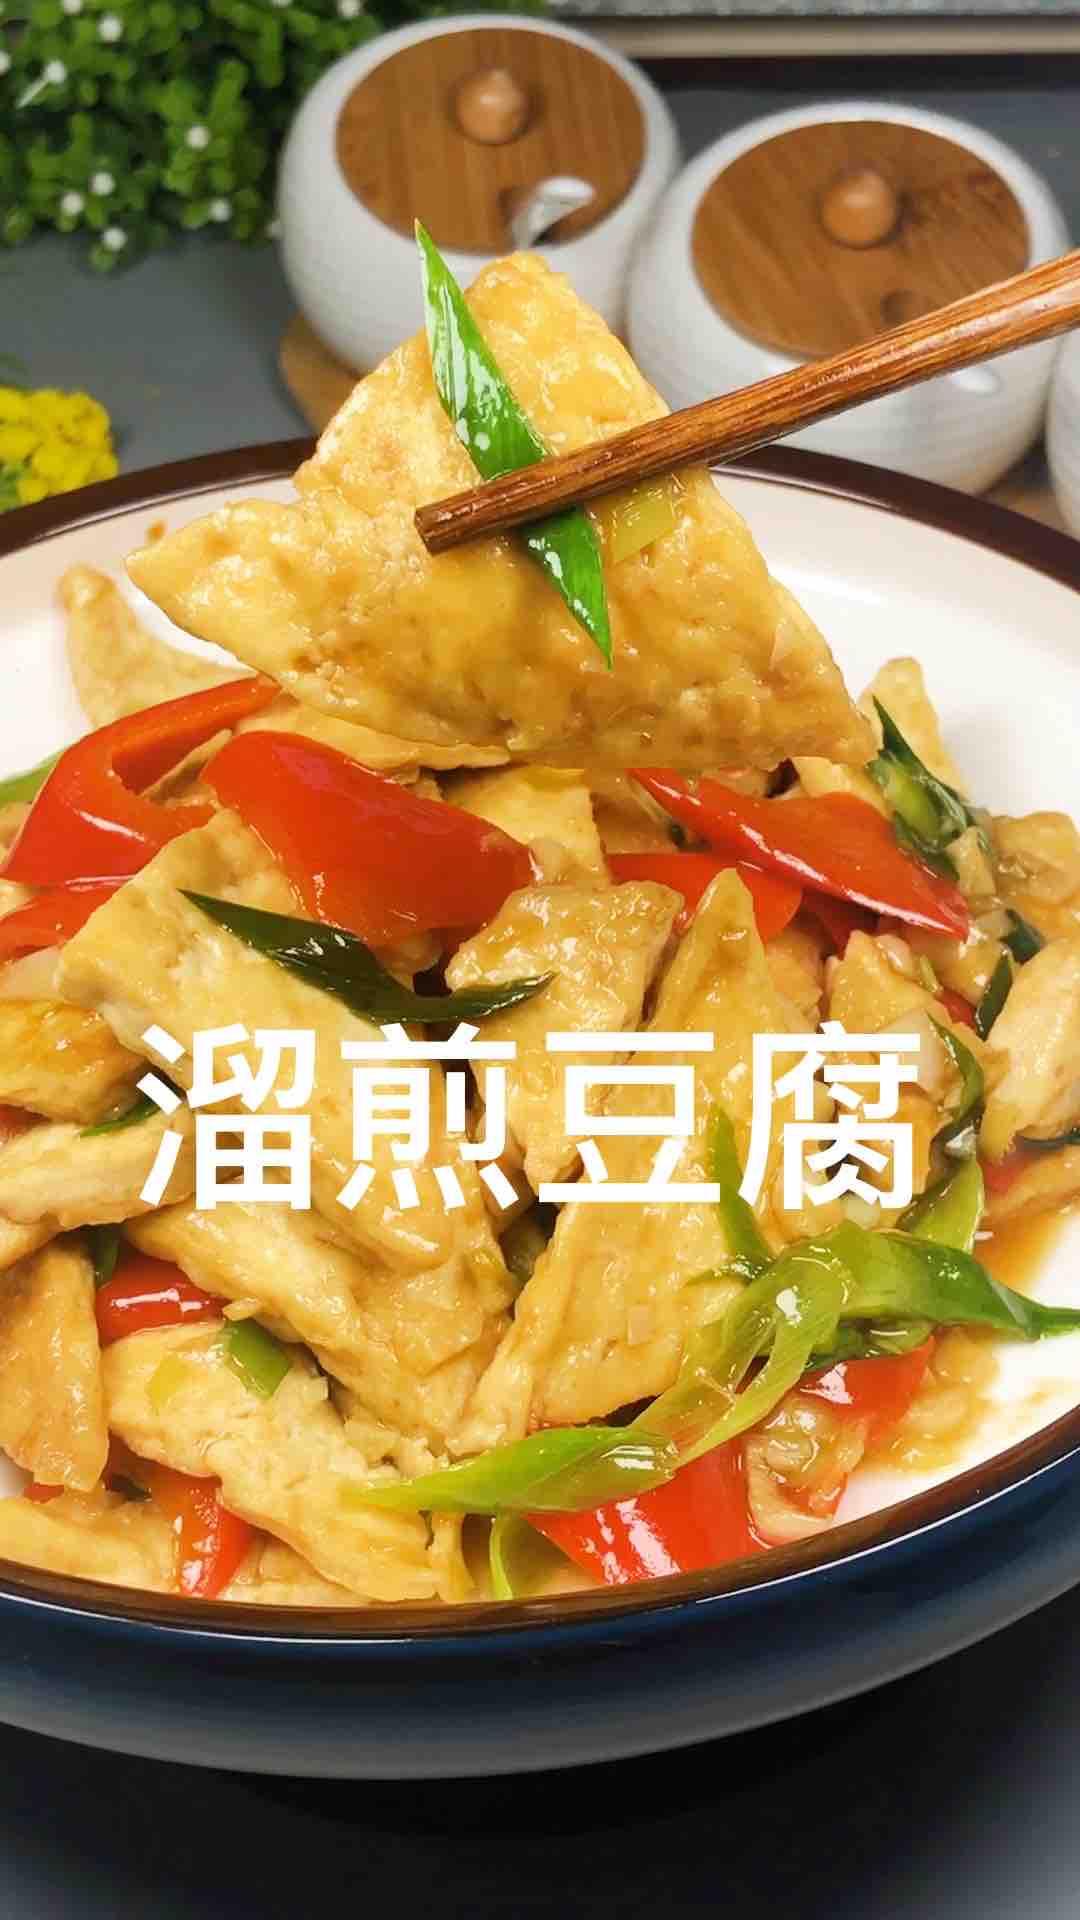 溜煎豆腐的做法